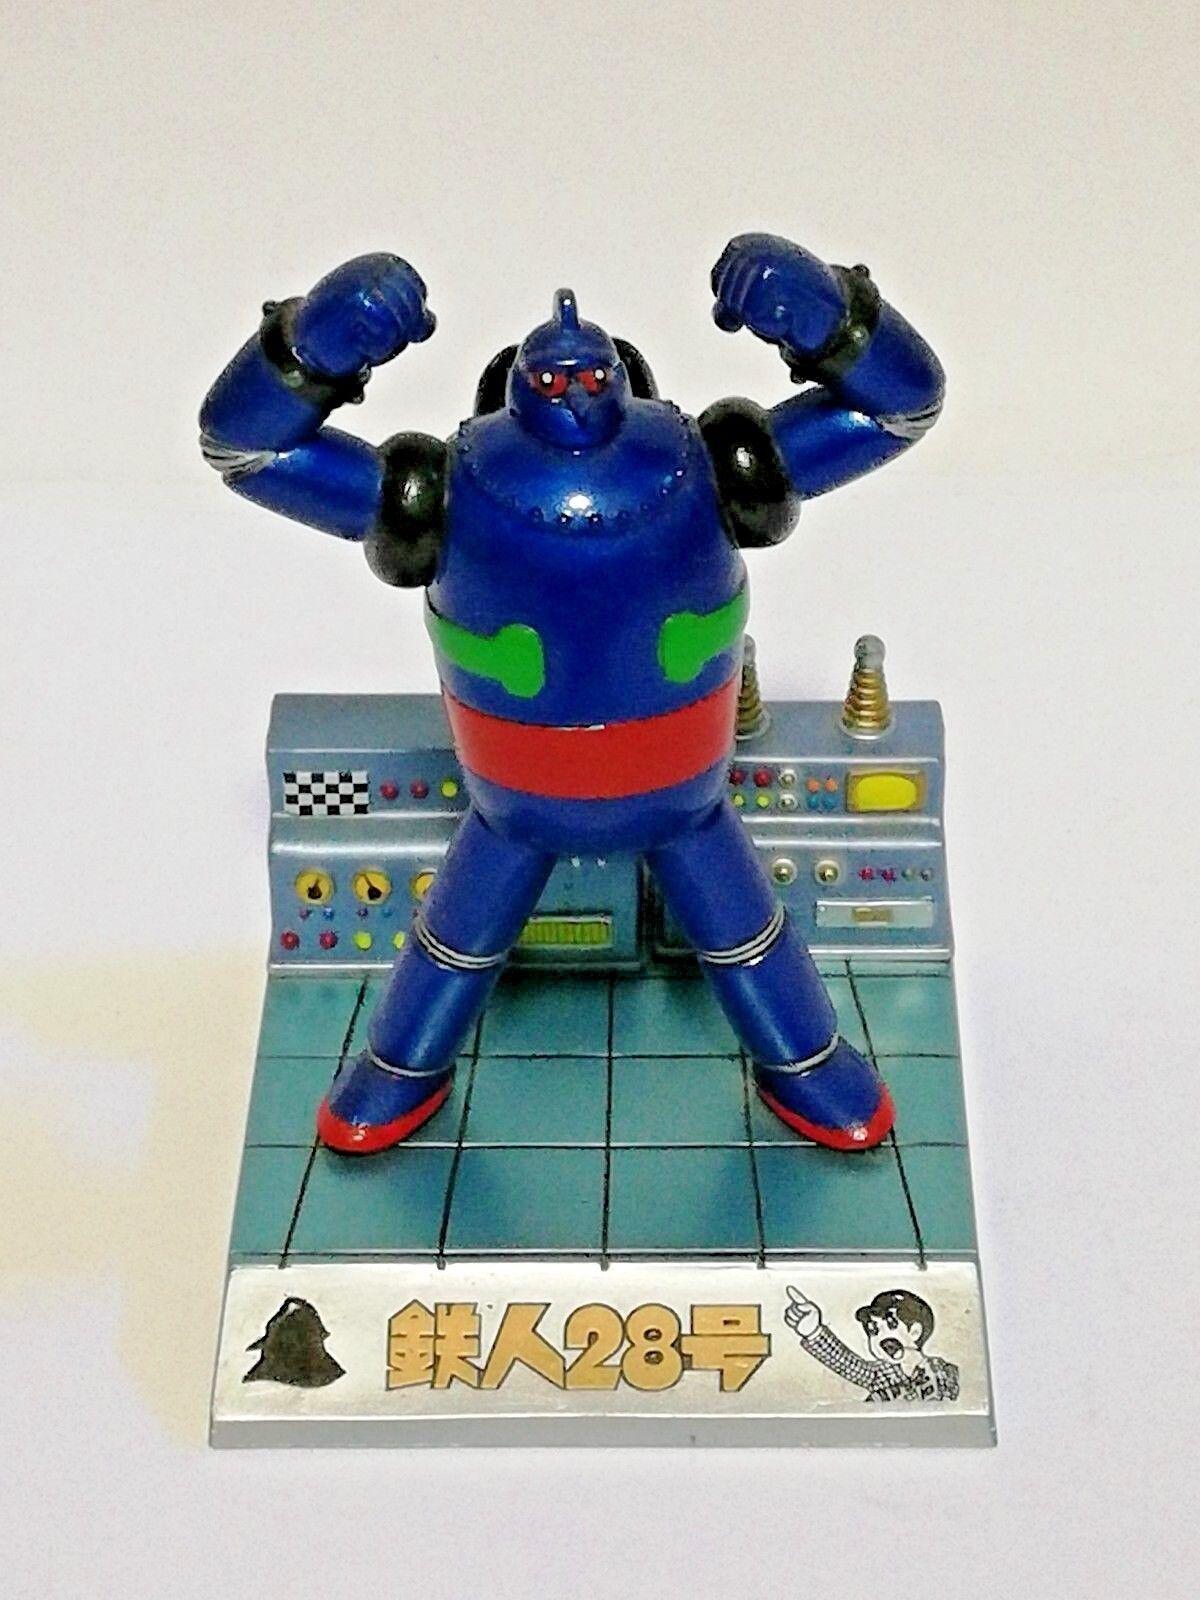 FiguAx Mitsuteru Yokoyama Gigantor Tetsujin 28-go Diorama RARE Figure